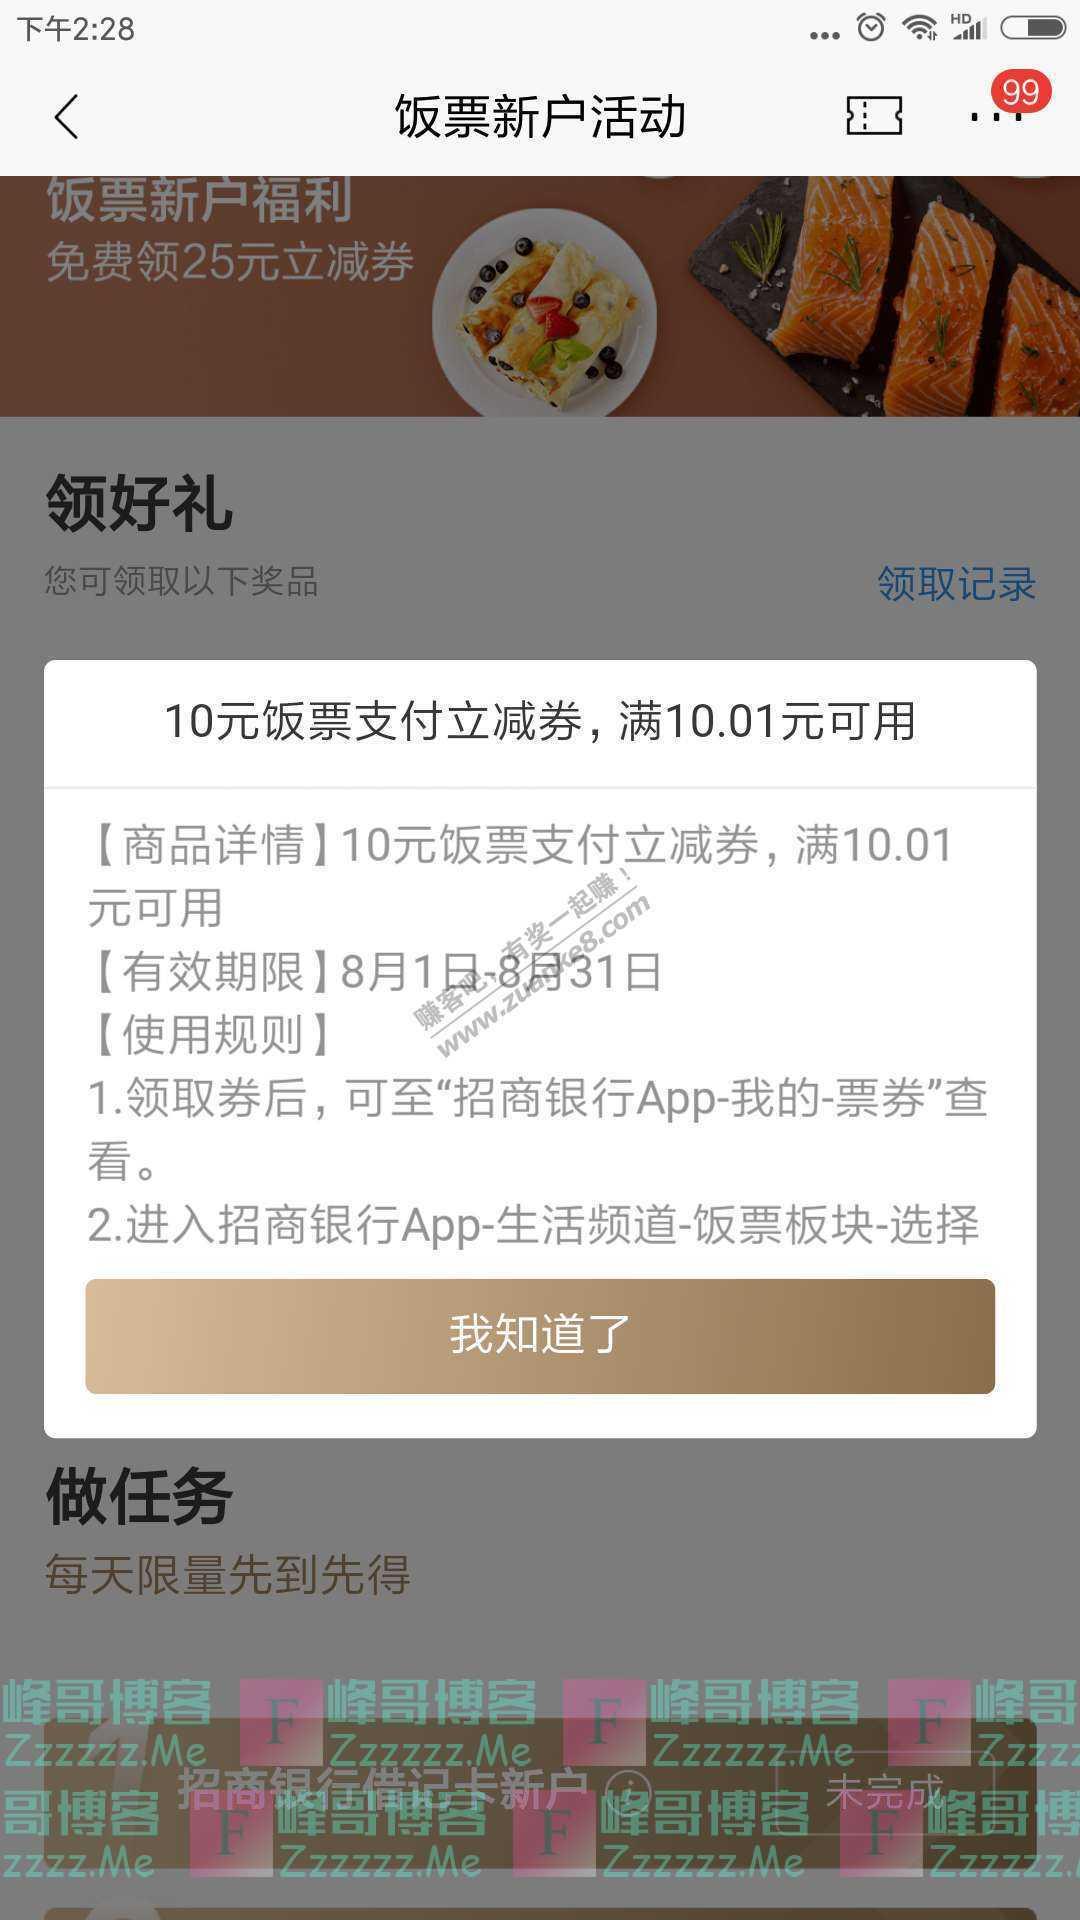 招商银行app饭票新户福利(截止8月31日)